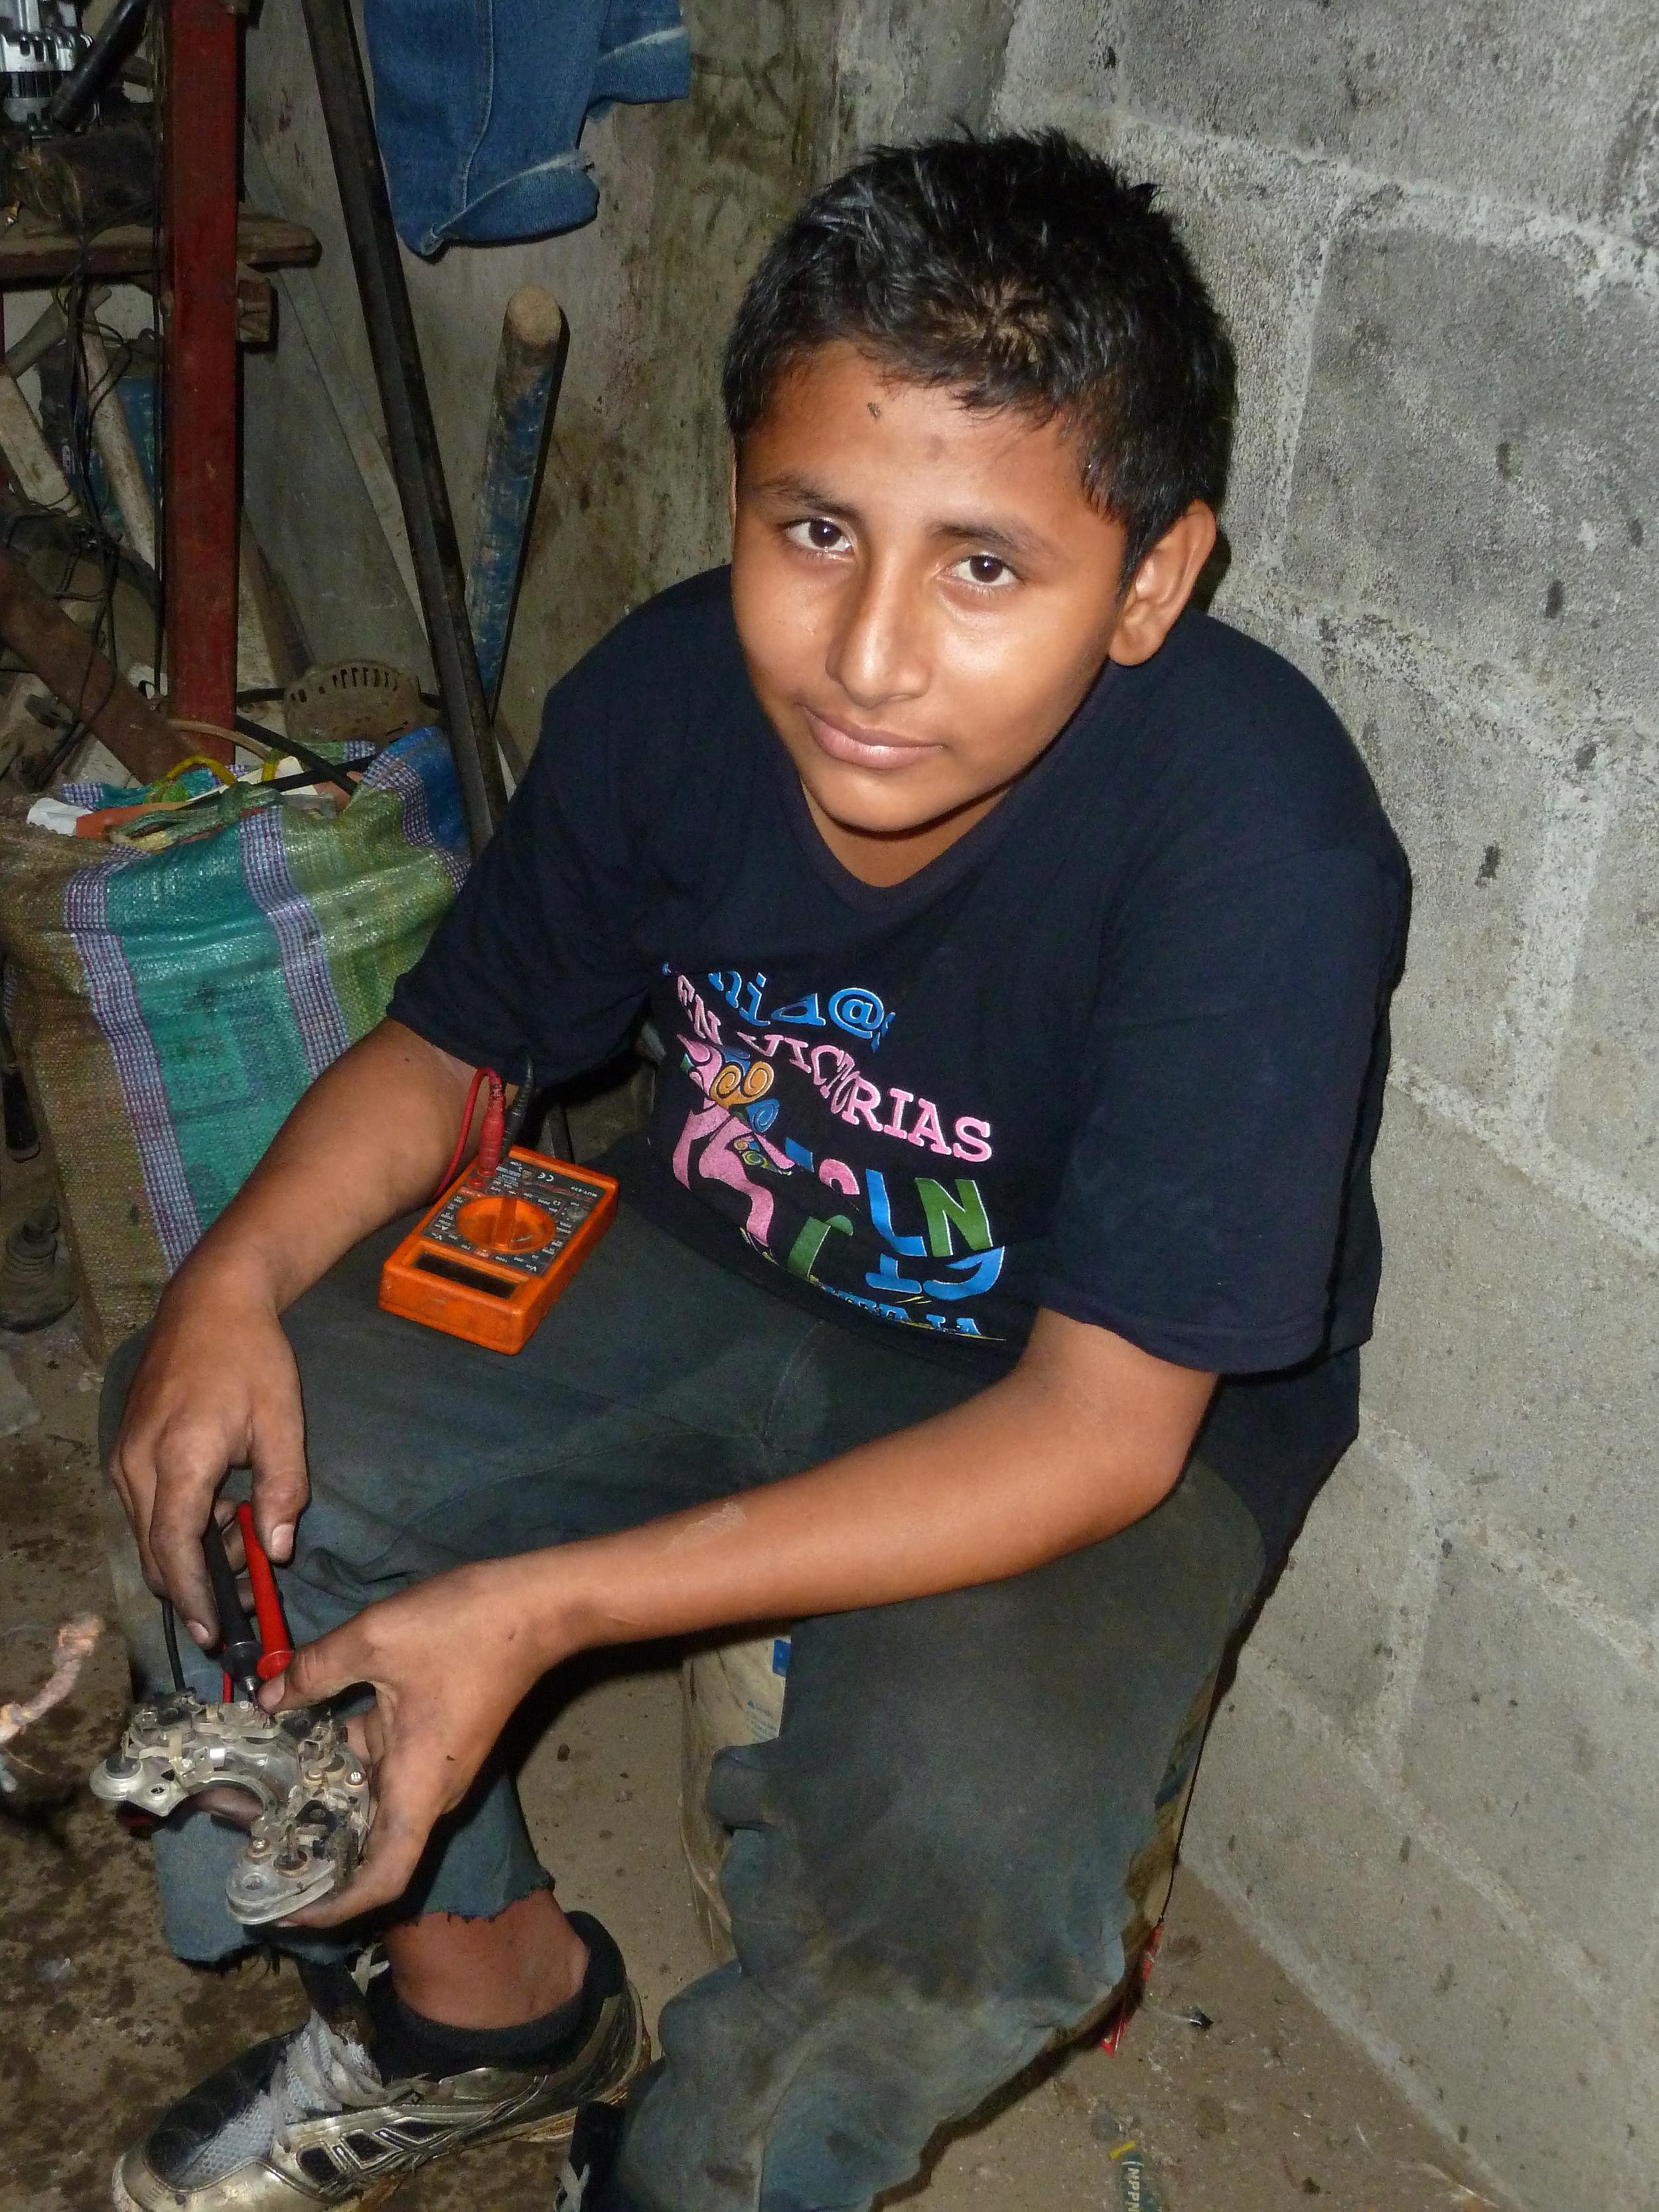 El hijo de Dayani, Gabriel, aprende electrónica automotriz en un taller de Managua (2014). Foto de Douglas Haynes.